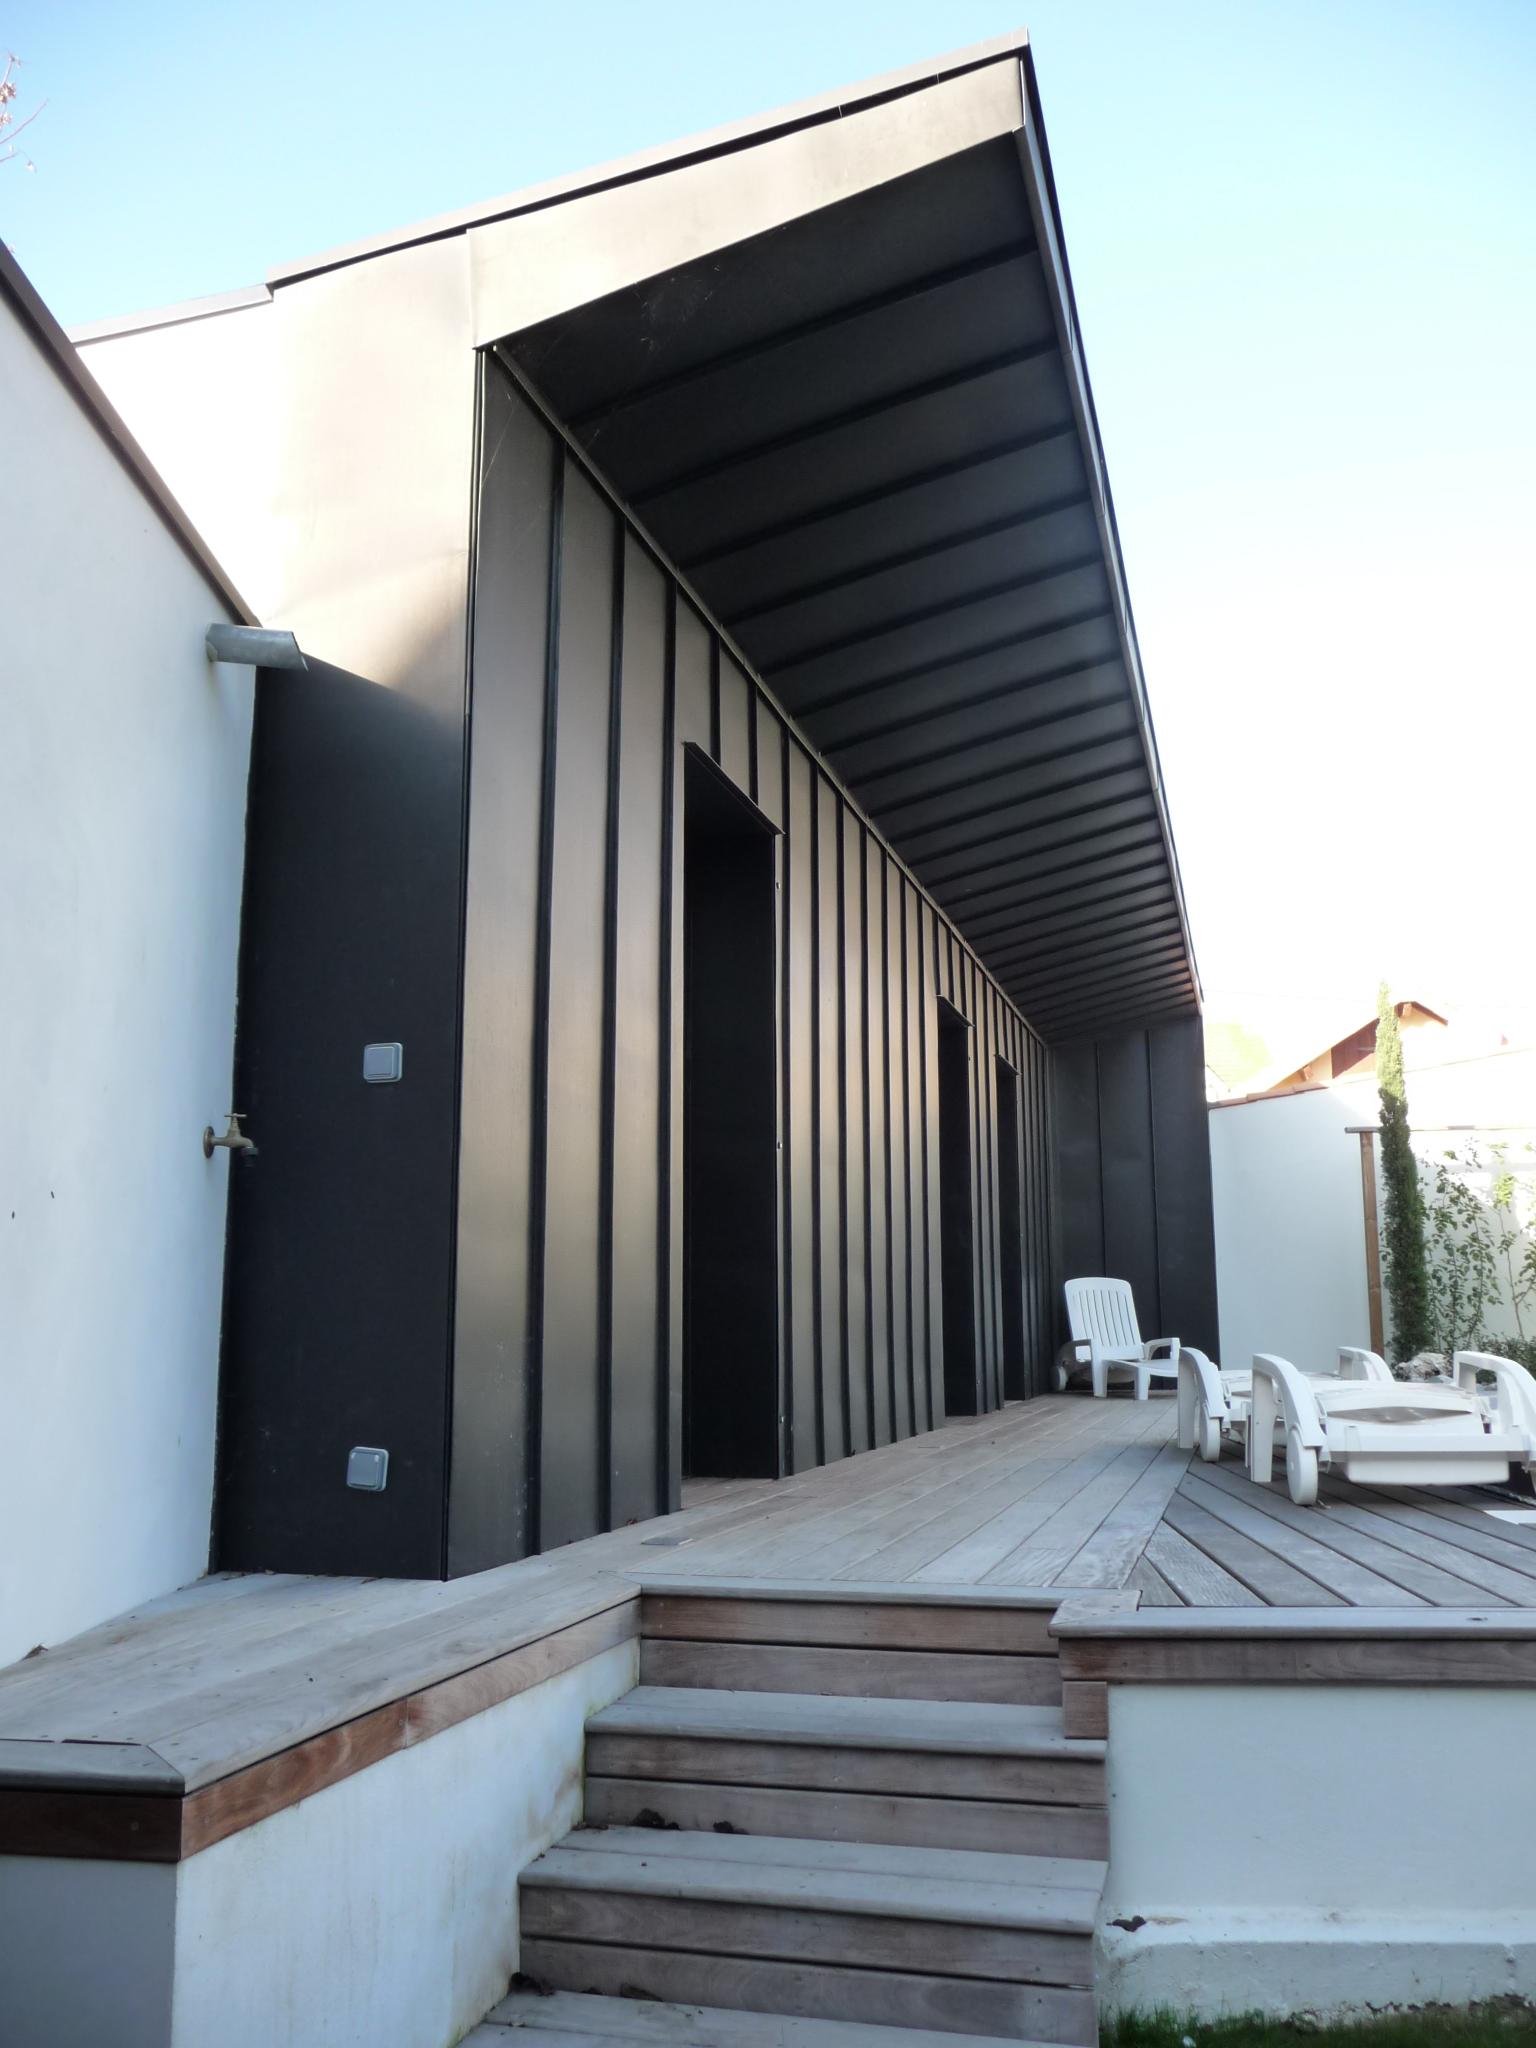 maison ch telaillon 2 cabinet architecte lionel coutier la rochelle. Black Bedroom Furniture Sets. Home Design Ideas